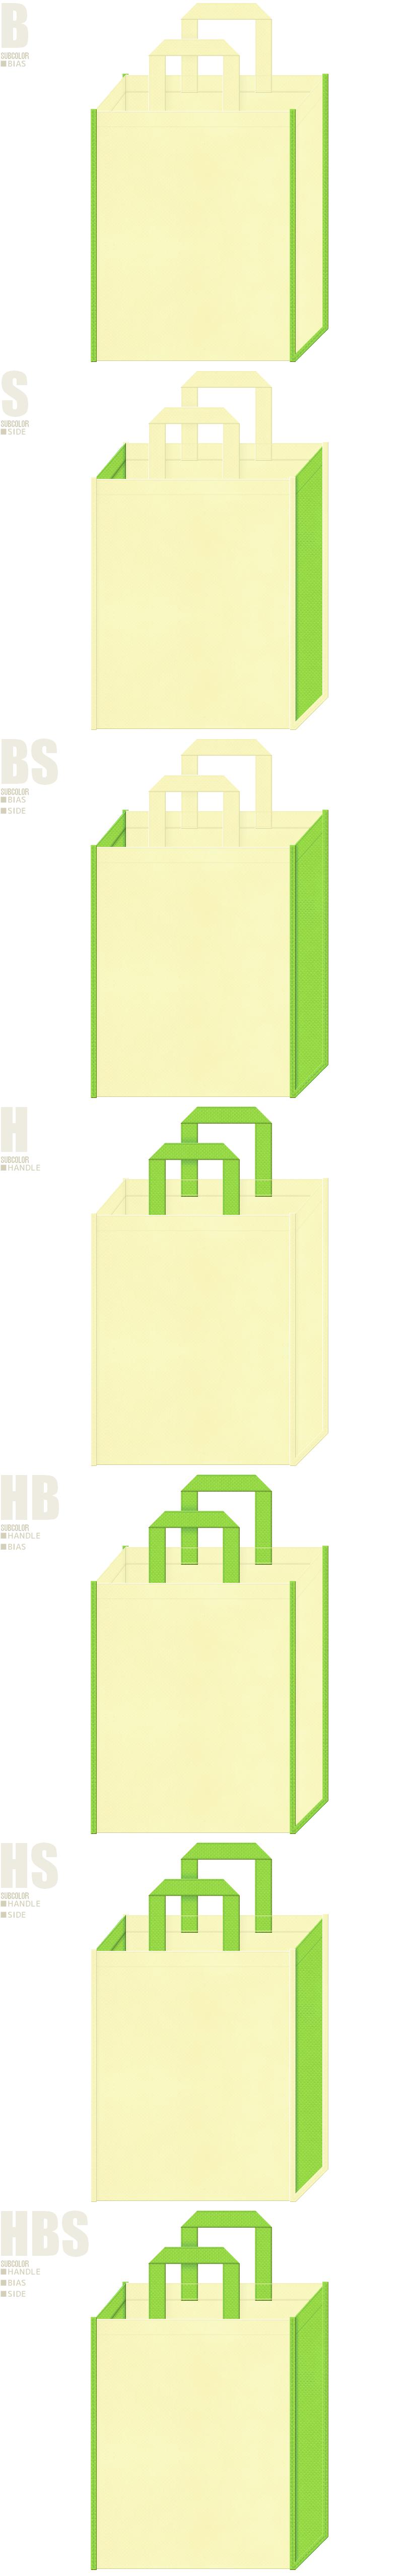 新緑季節のイベント・エコキャンペーンのバッグノベルティにお奨めの、薄黄色と黄緑色、7パターンの不織布トートバッグ配色デザイン例。